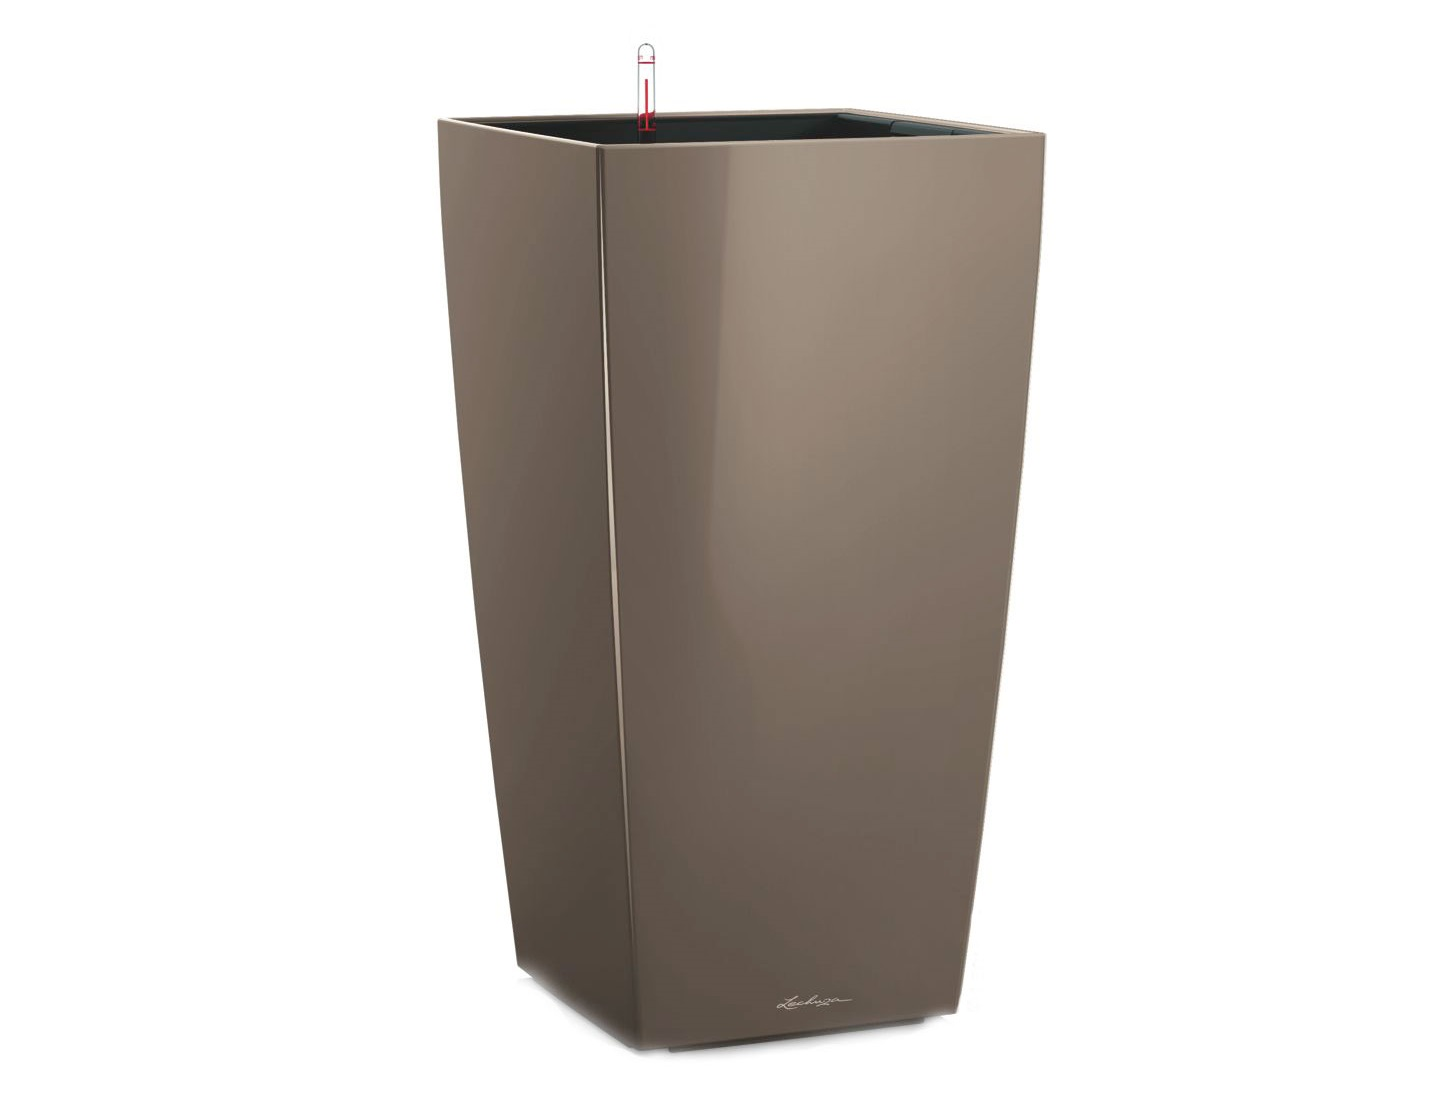 Кашпо с системой полива КубикоКашпо<br><br><br>Material: Пластик<br>Width см: 22<br>Depth см: 22<br>Height см: 41